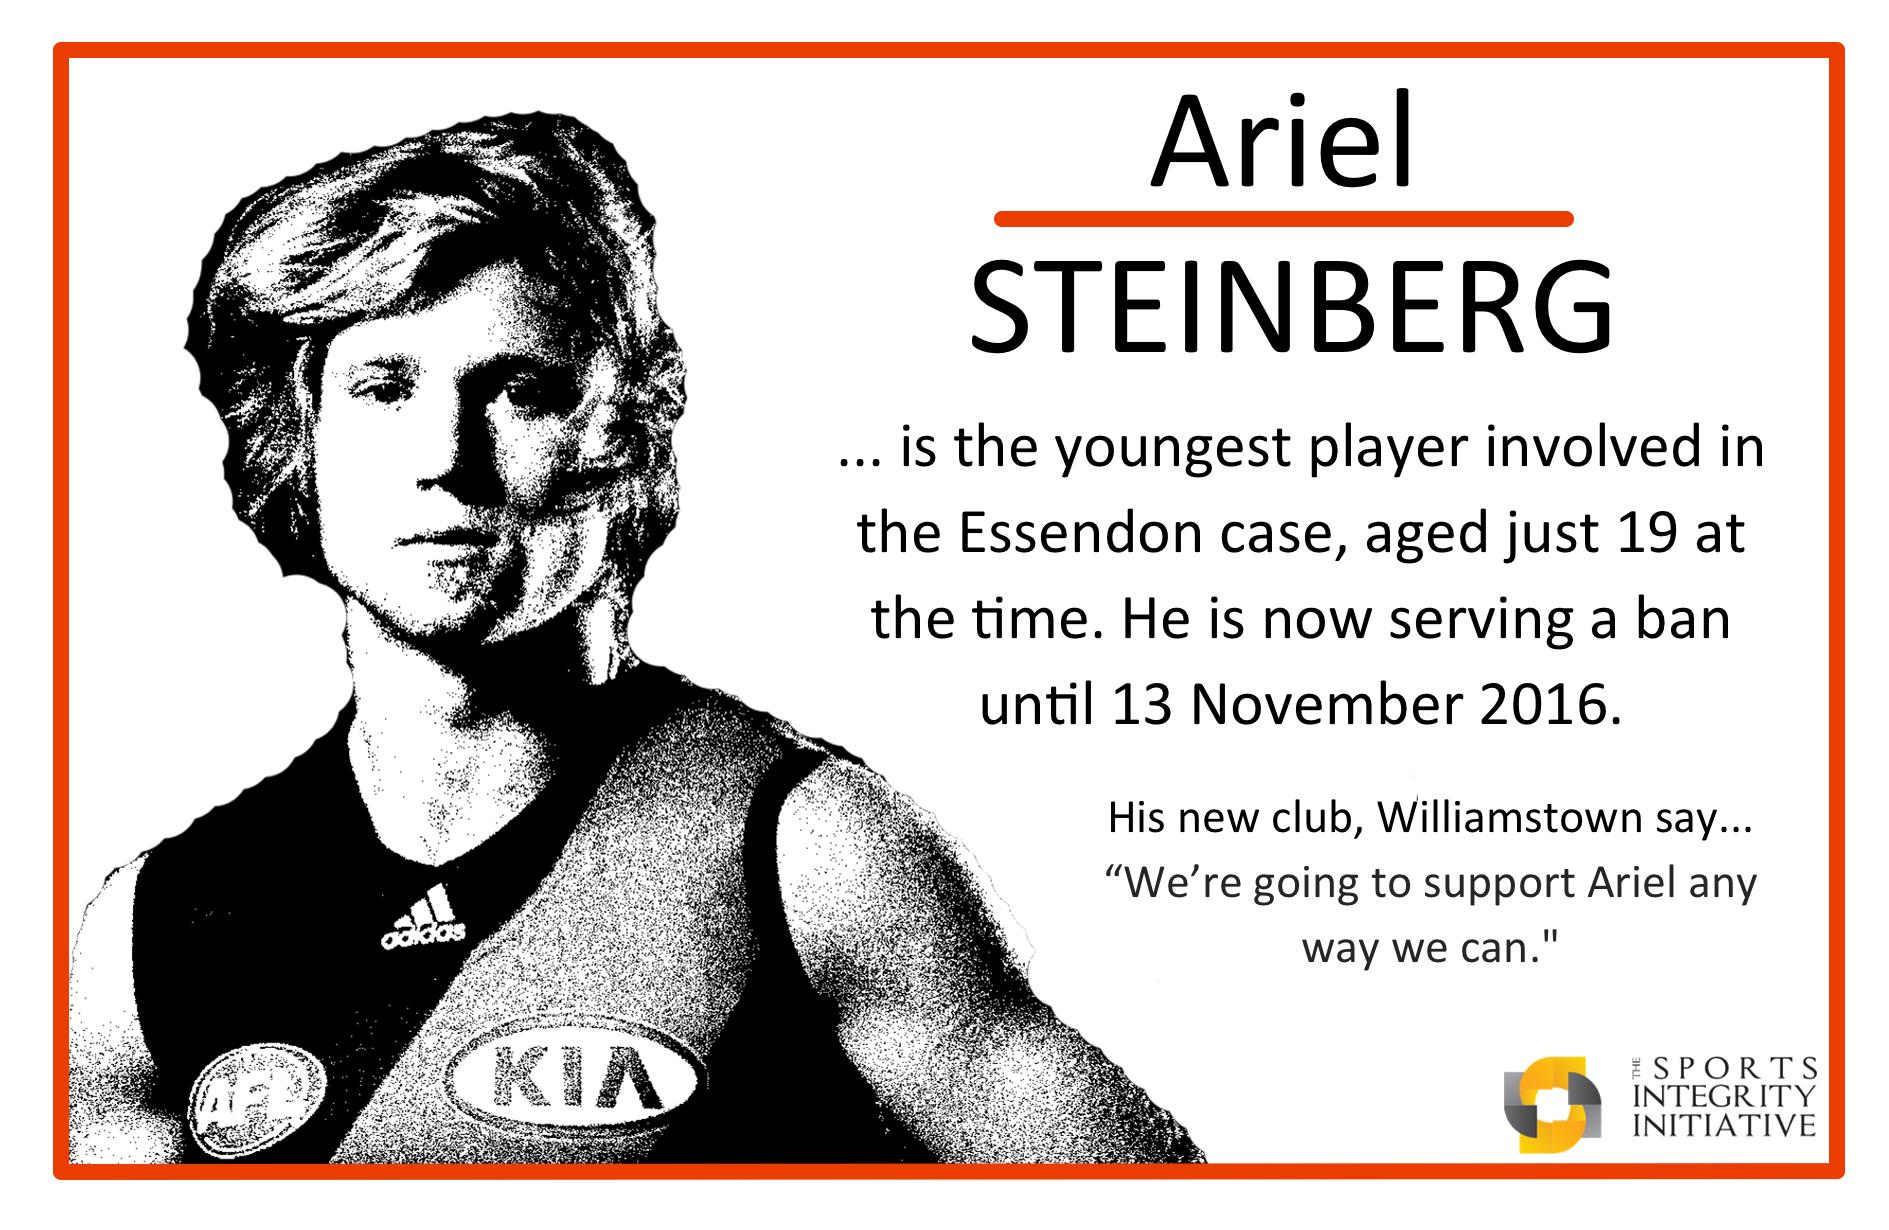 Ariel Steinberg